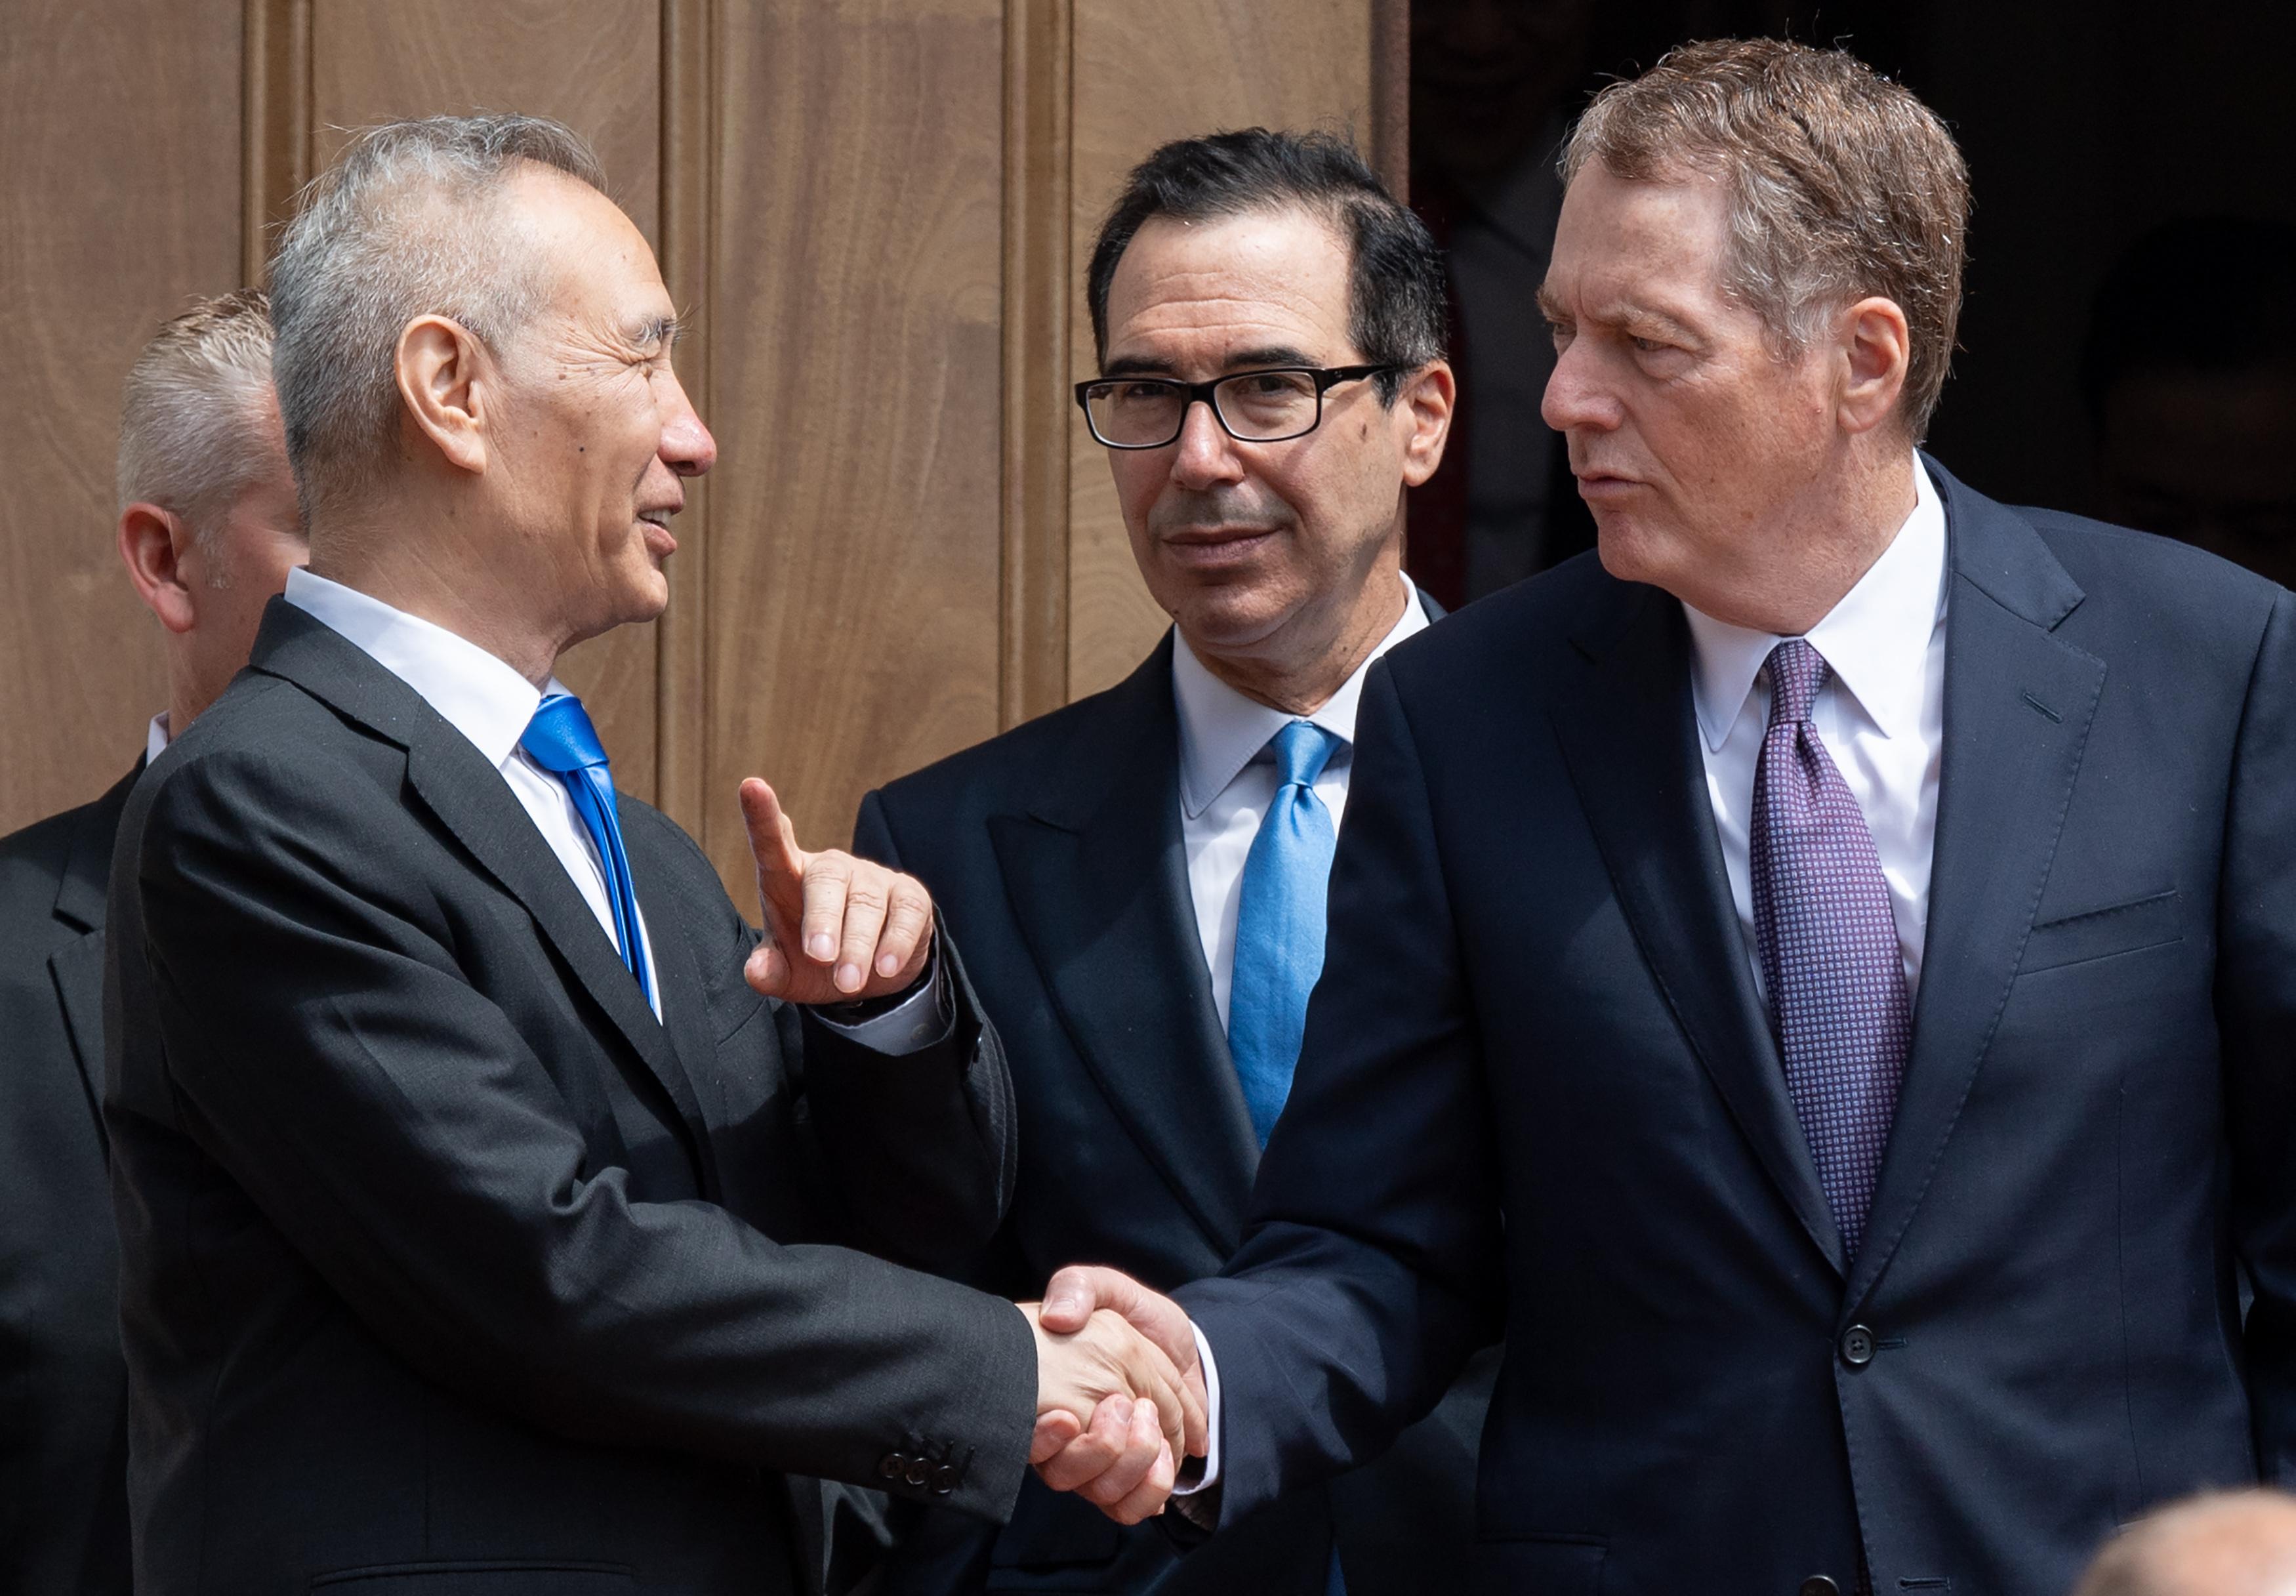 知情人士透露,由於中美上一輪貿易談判陷入僵局,特朗普政府決定對中國華為公司實施禁令。圖為劉鶴5月初赴美貿易談判。(SAUL LOEB / AFP)